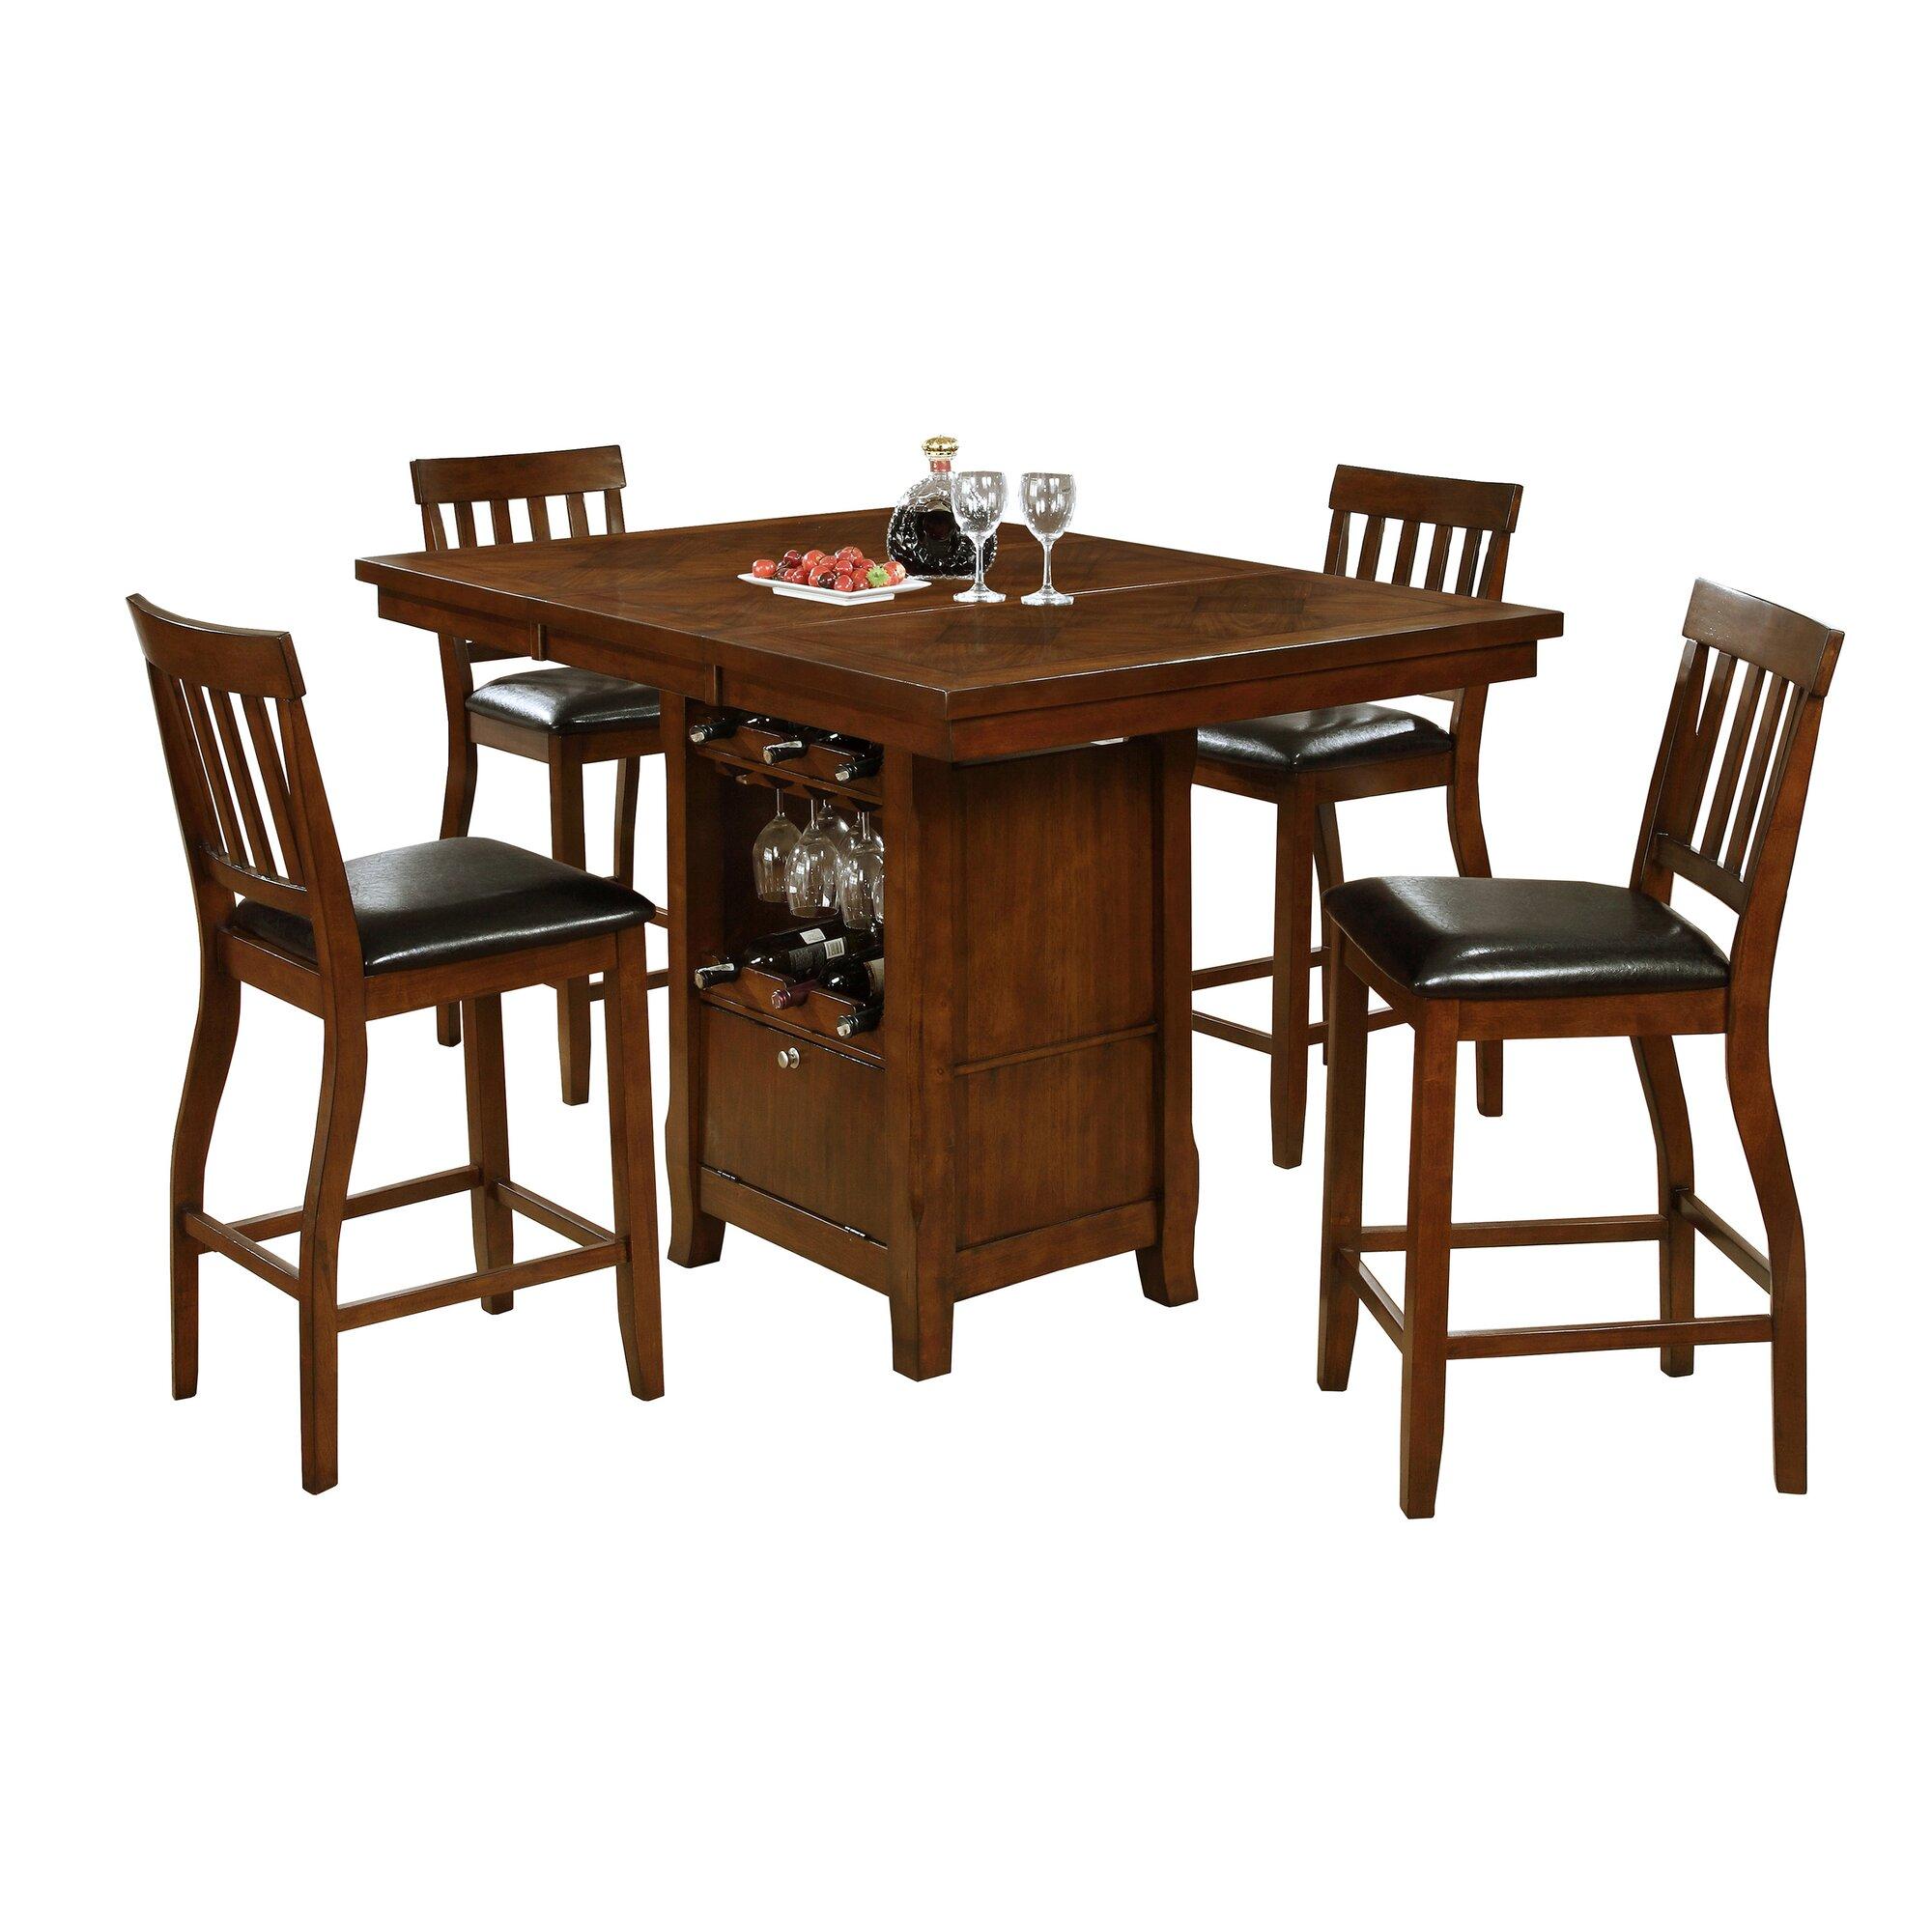 Red barrel studio sawyerville 7 piece pub table set for Cie publication 85 table 2